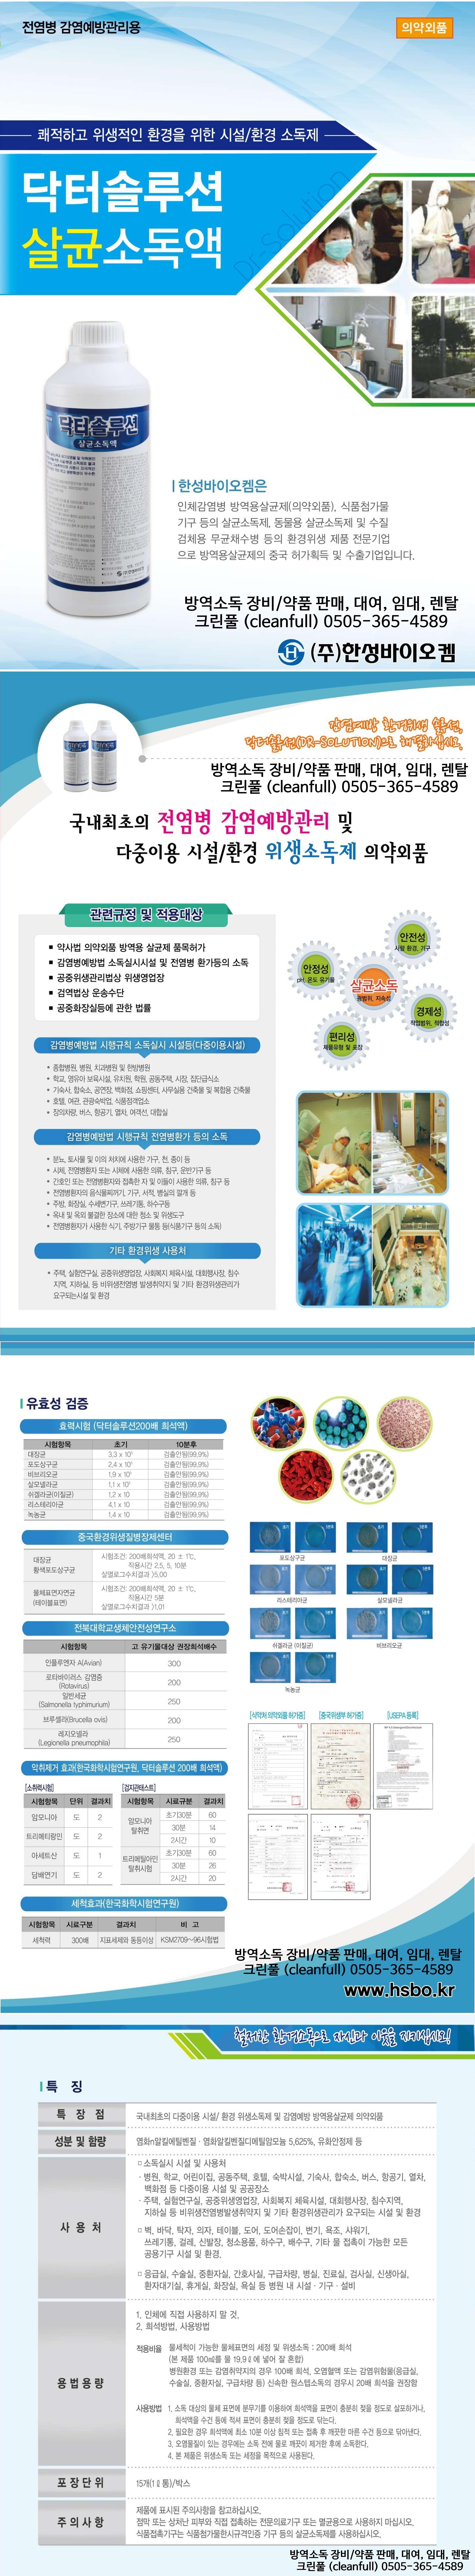 닥터솔루션 1L상세페이지 (살균제+소독제)_염화벤잘코늄_한성바이오켐_셀프방역